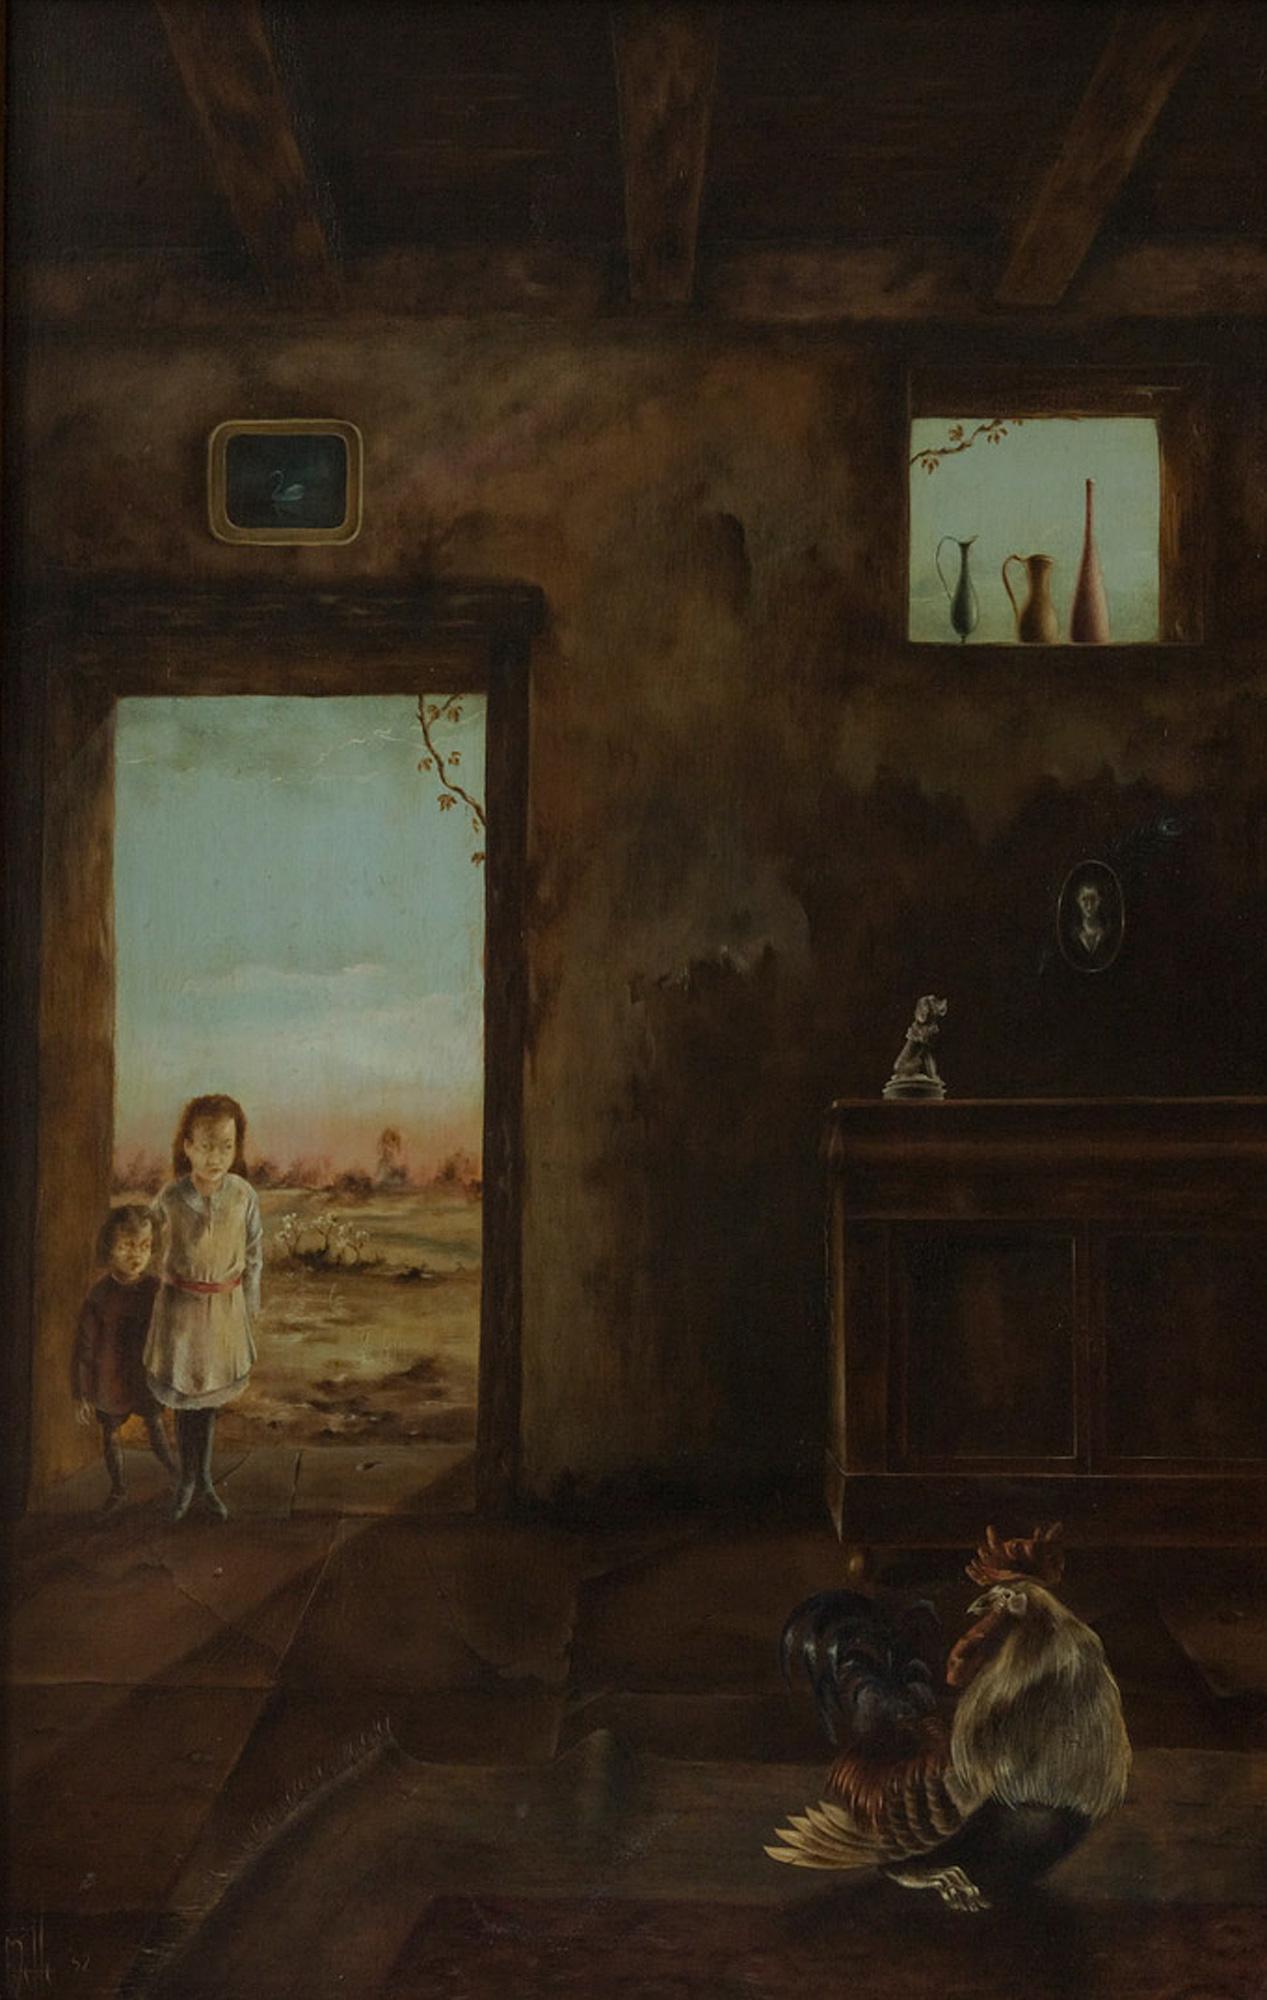 Melle schilder | Kinderen met haan, olieverf op linnen